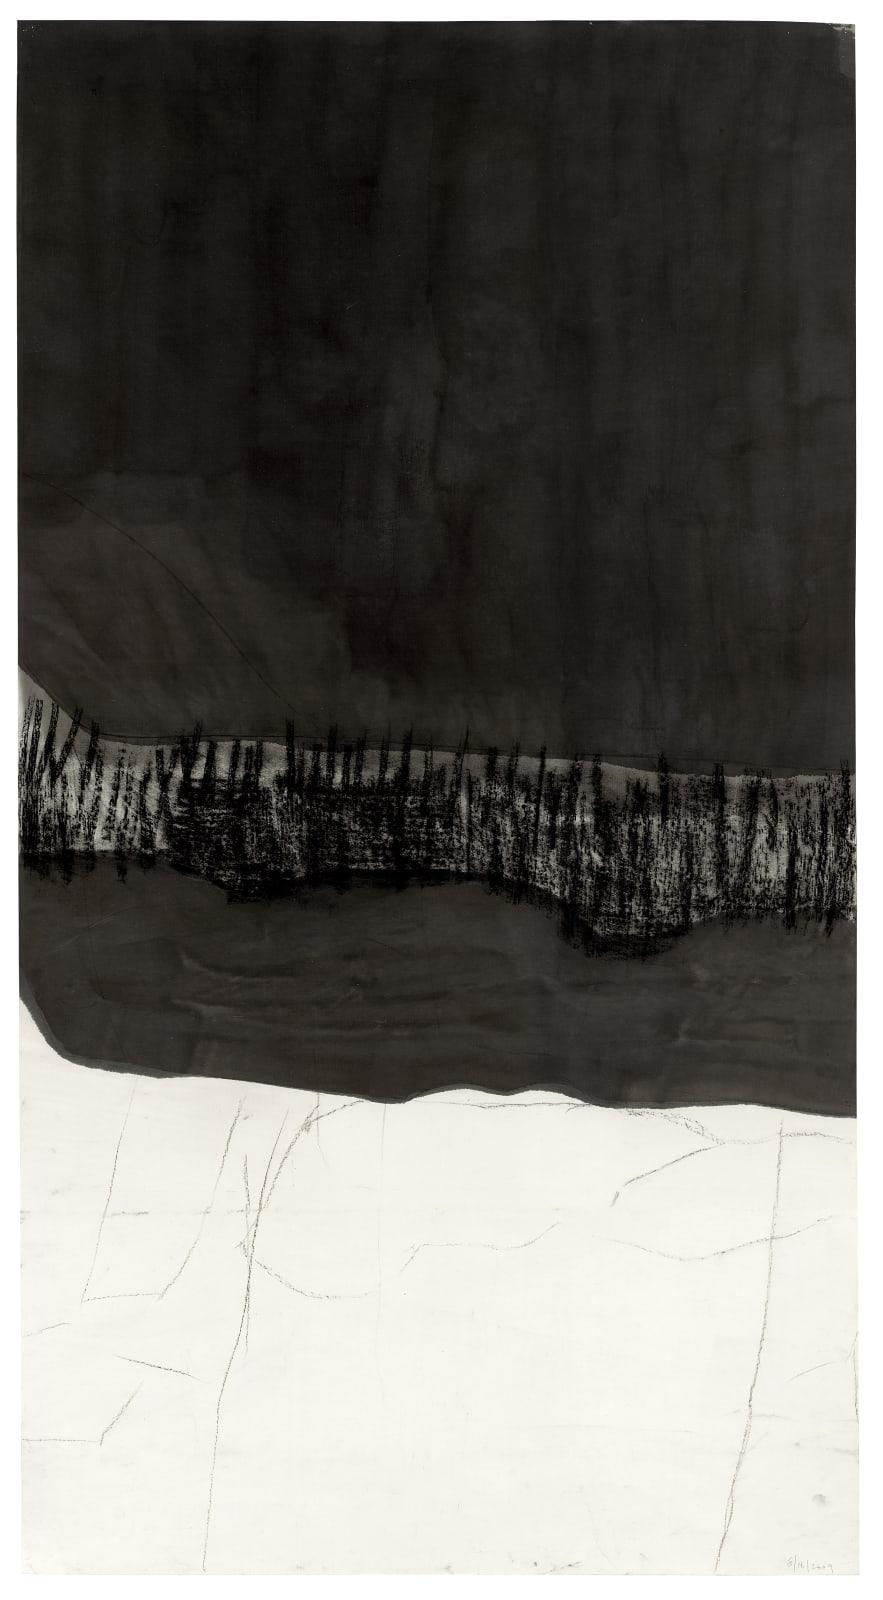 Wang Gongyi 王公懿, Ocean • Tree 海 • 樹, 2009